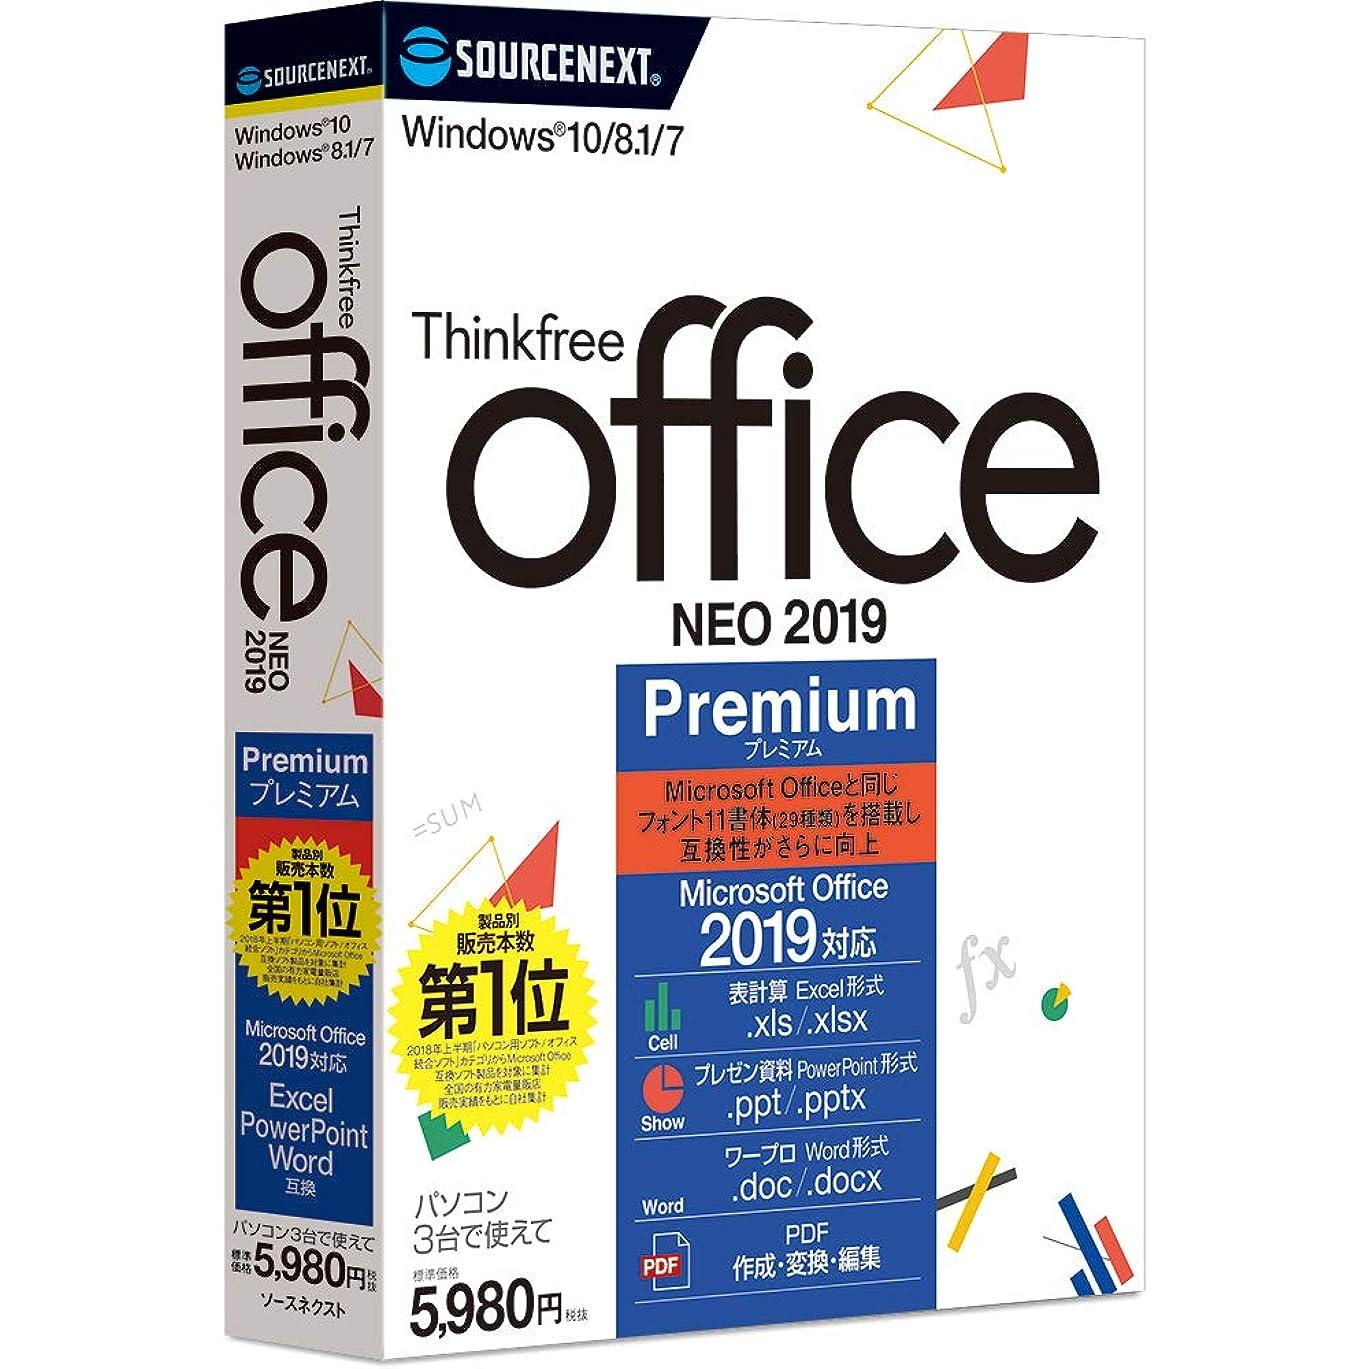 アベニュージャケット咽頭Thinkfree office NEO 2019 Premium(最新)|Win対応